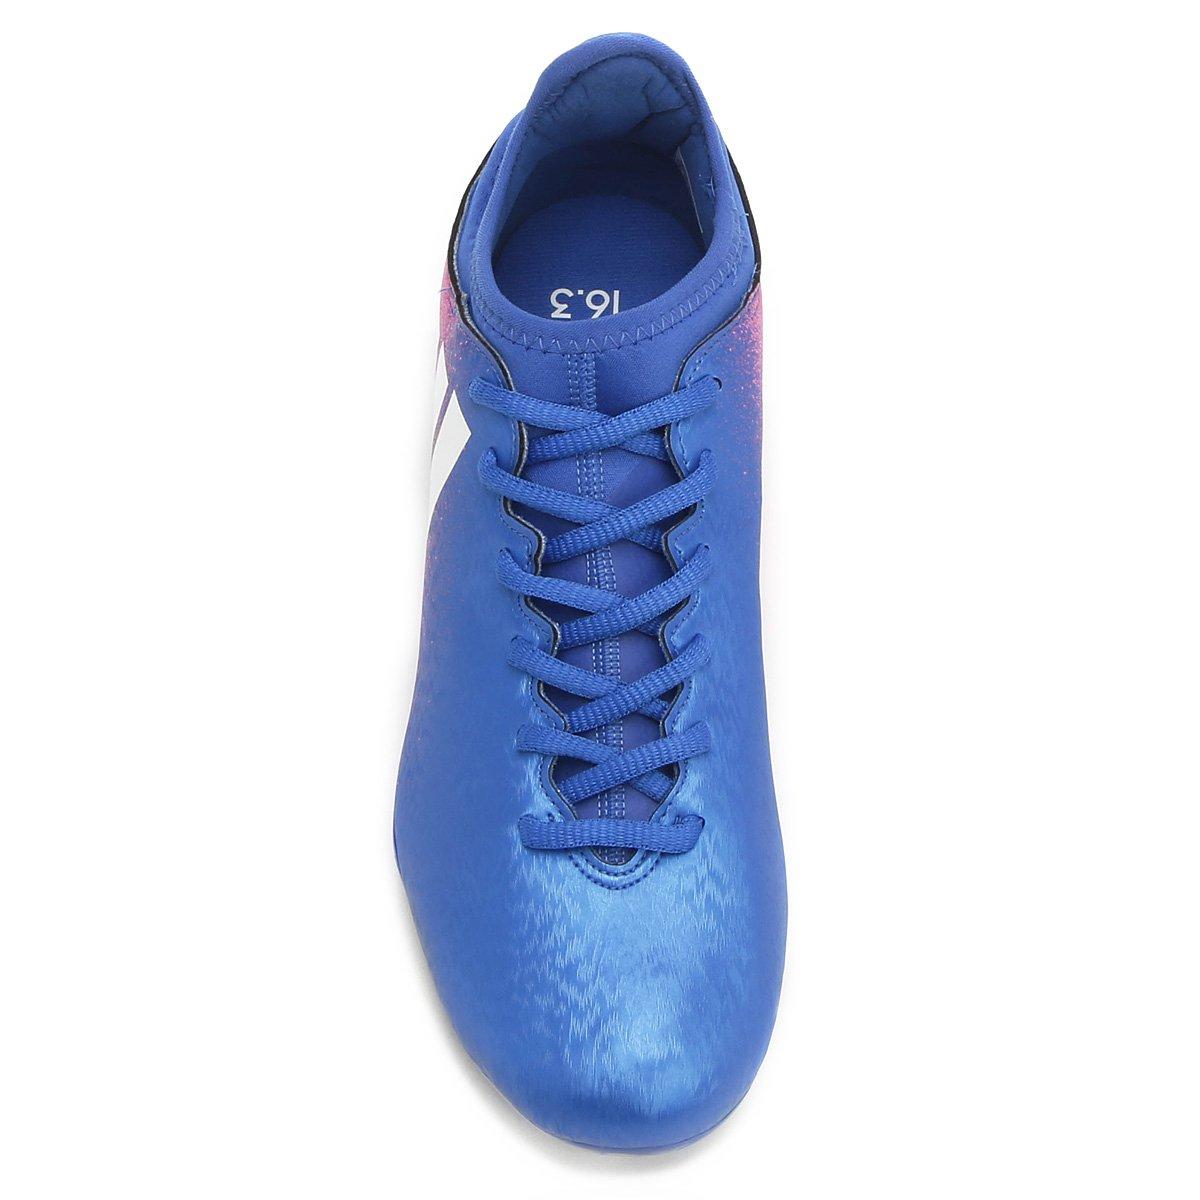 6897284067 Chuteira Campo Adidas X 16.3 FG Masculina - Compre Agora